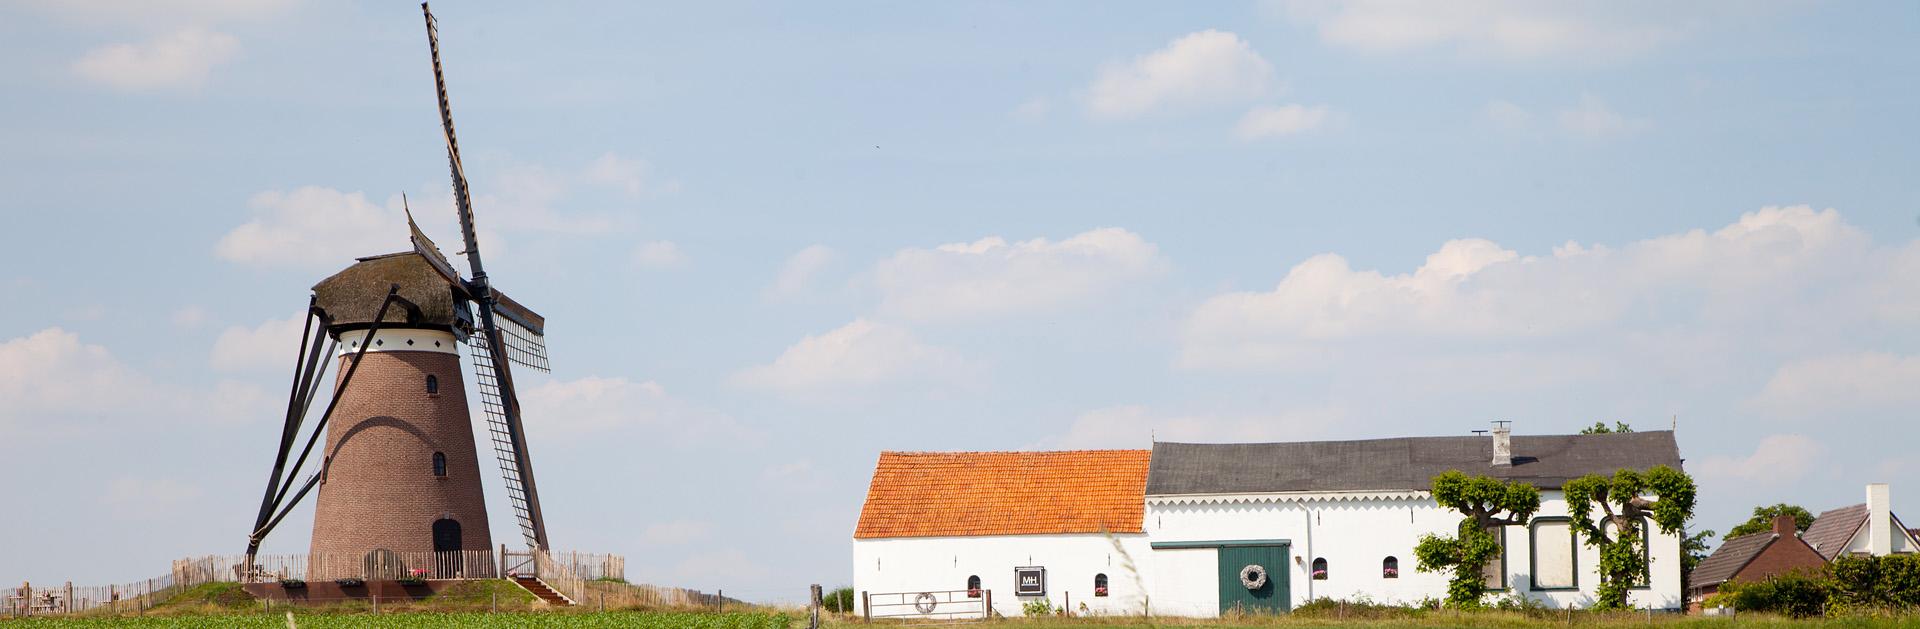 Düffels Möll - Stokkum